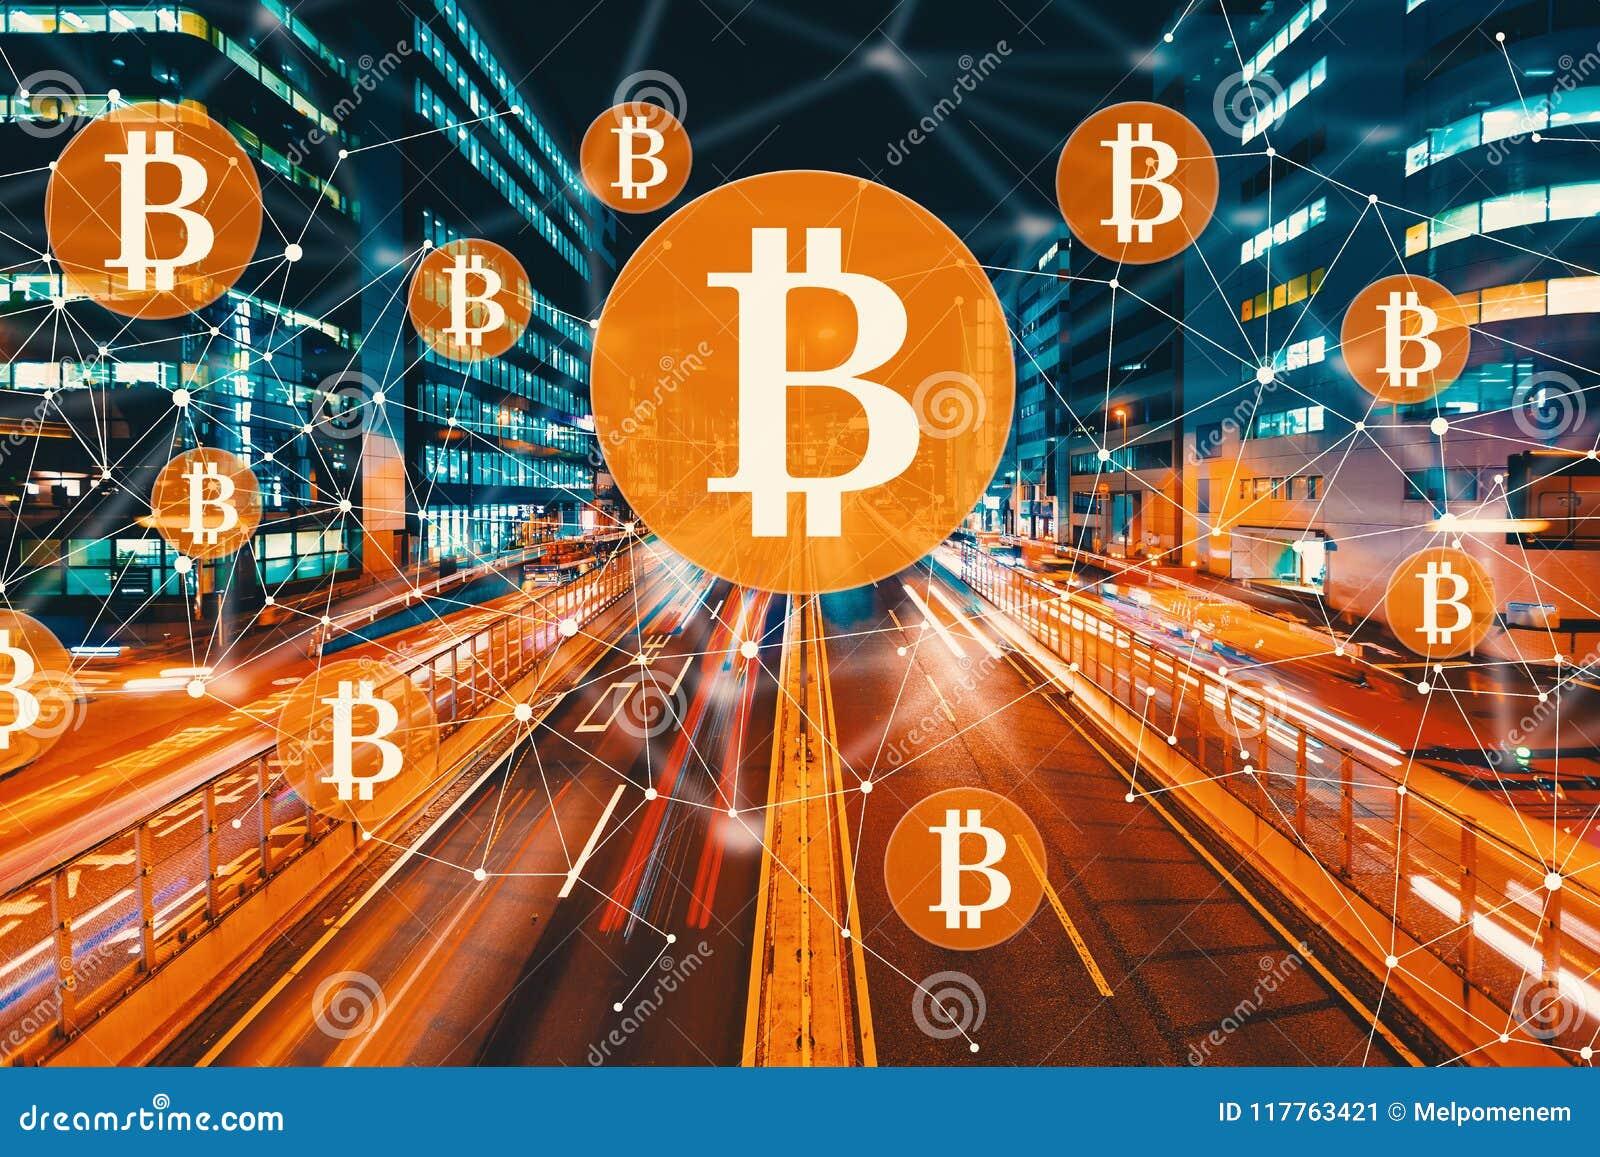 Bitcoin con traffico vago moto